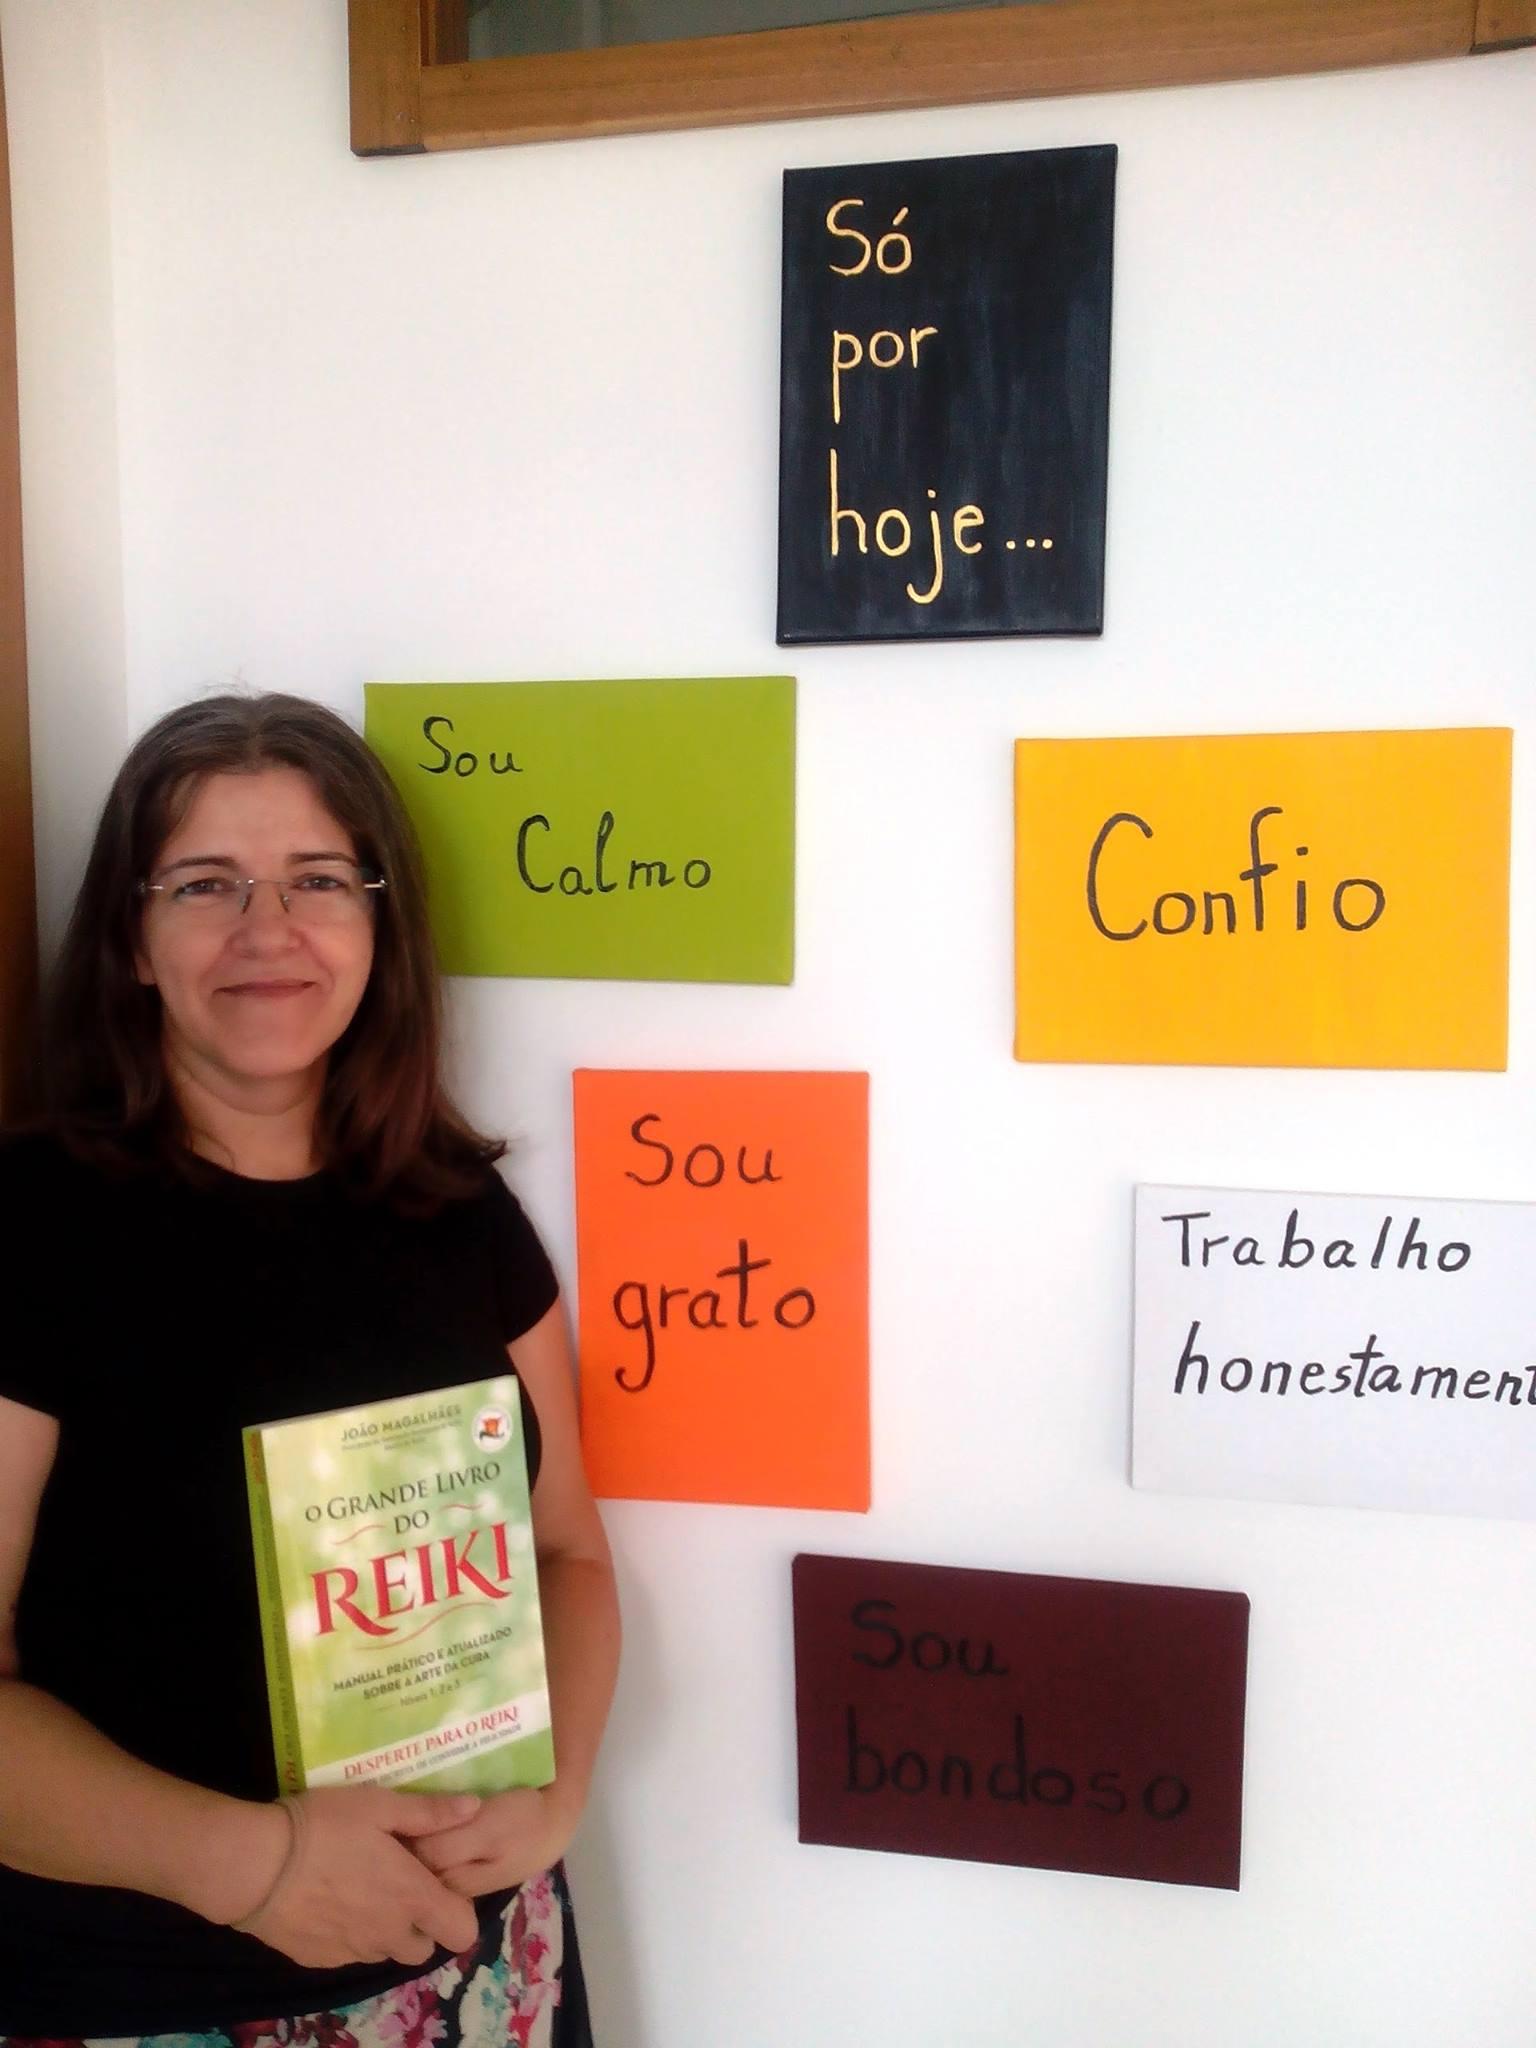 O Grande Livro do Reiki é manual de apoio na Associação Calma e Harmonia